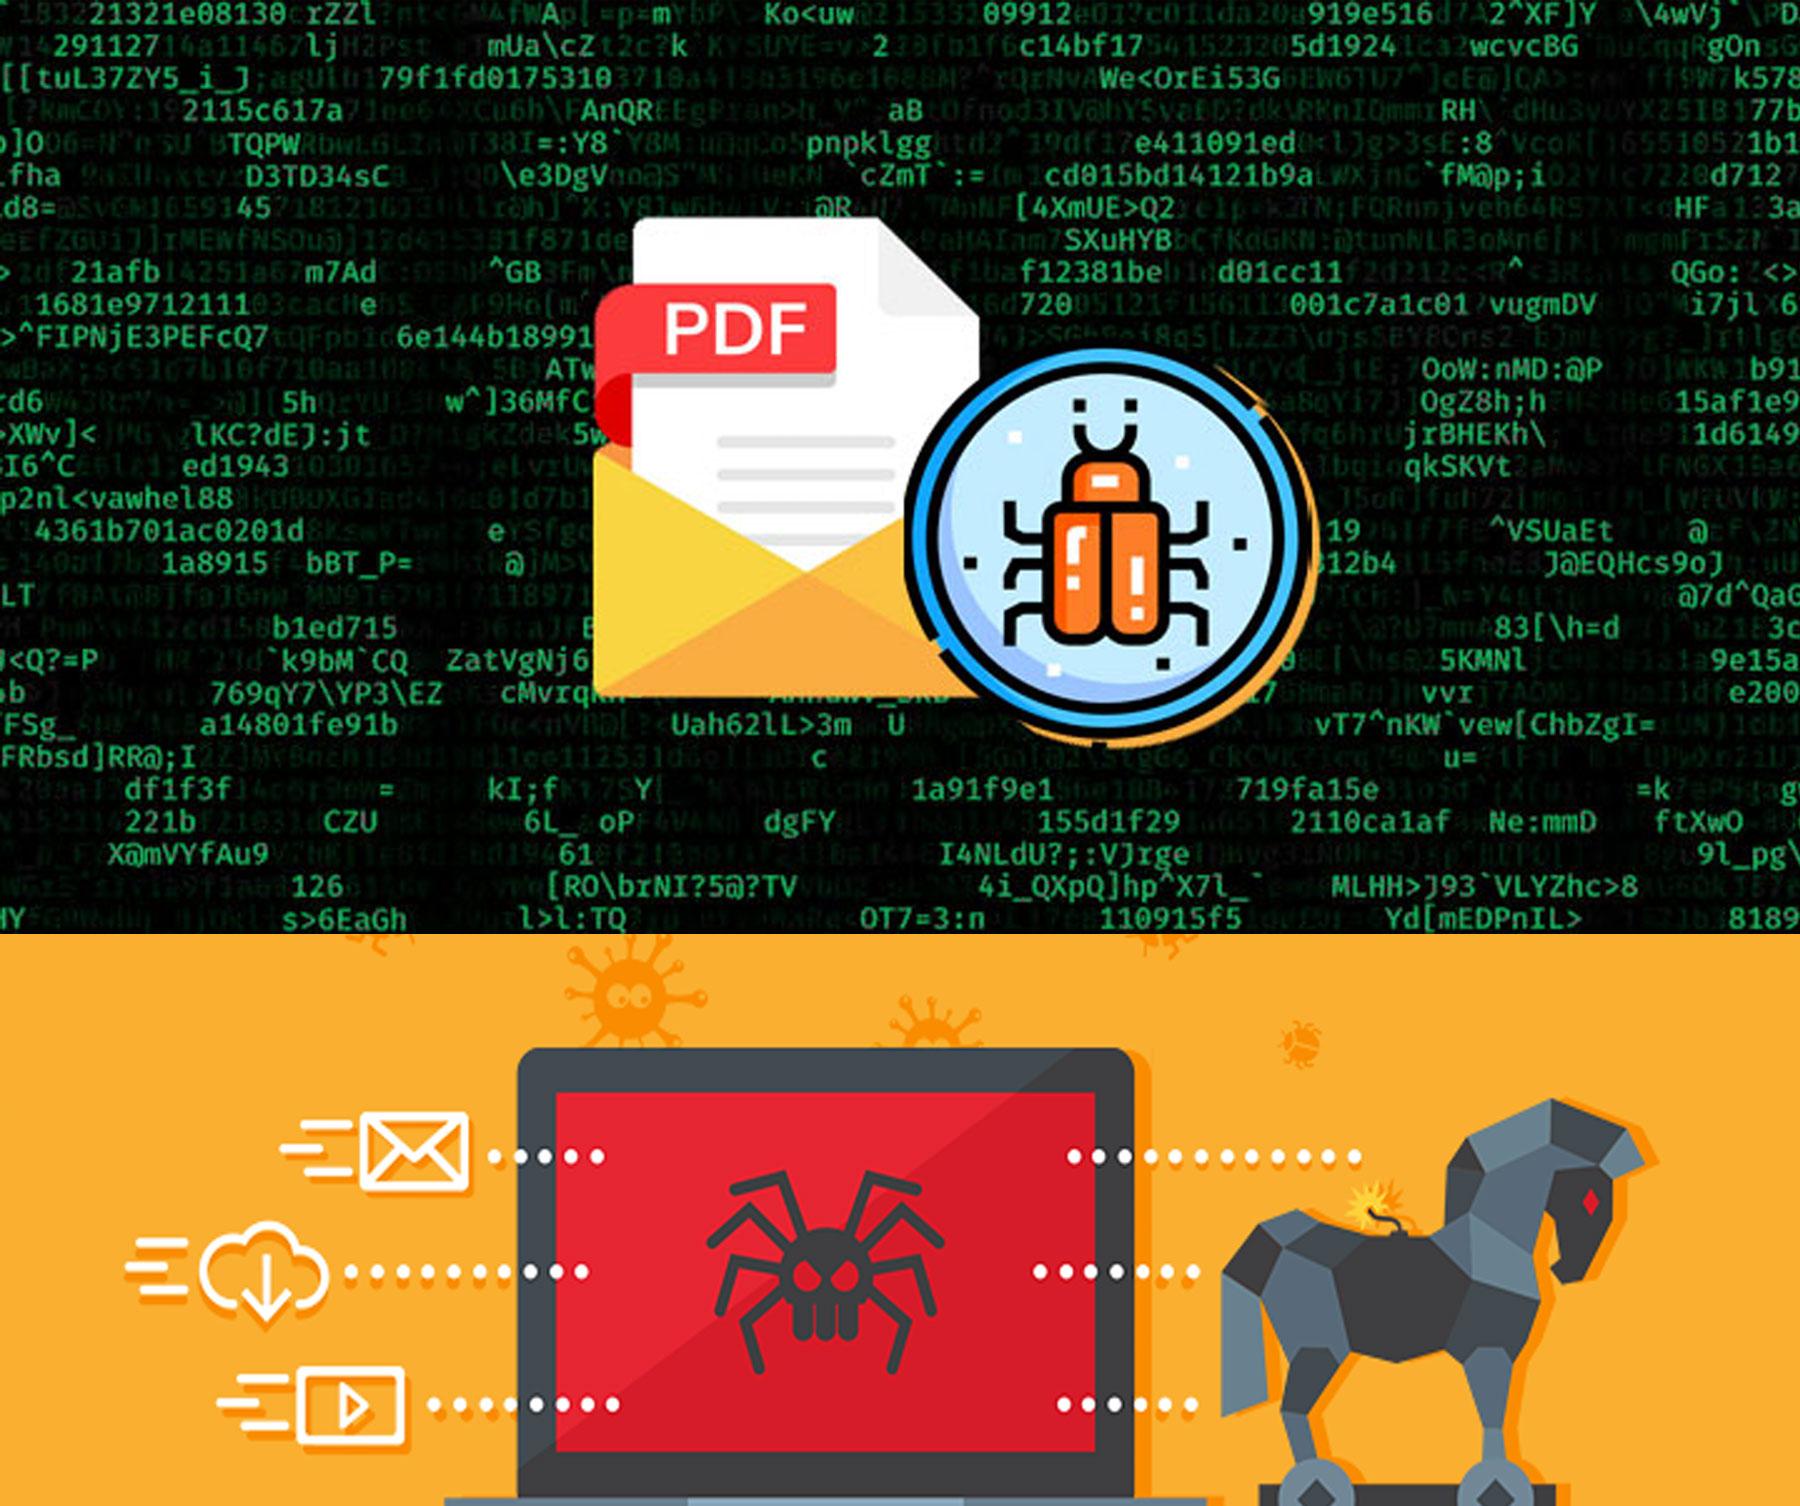 හැකර්වරුන් විසින් Malware වර්ගයට අයත් PDF virus එකක් අන්තර්ජාලයට එකතු කරයි 🦠